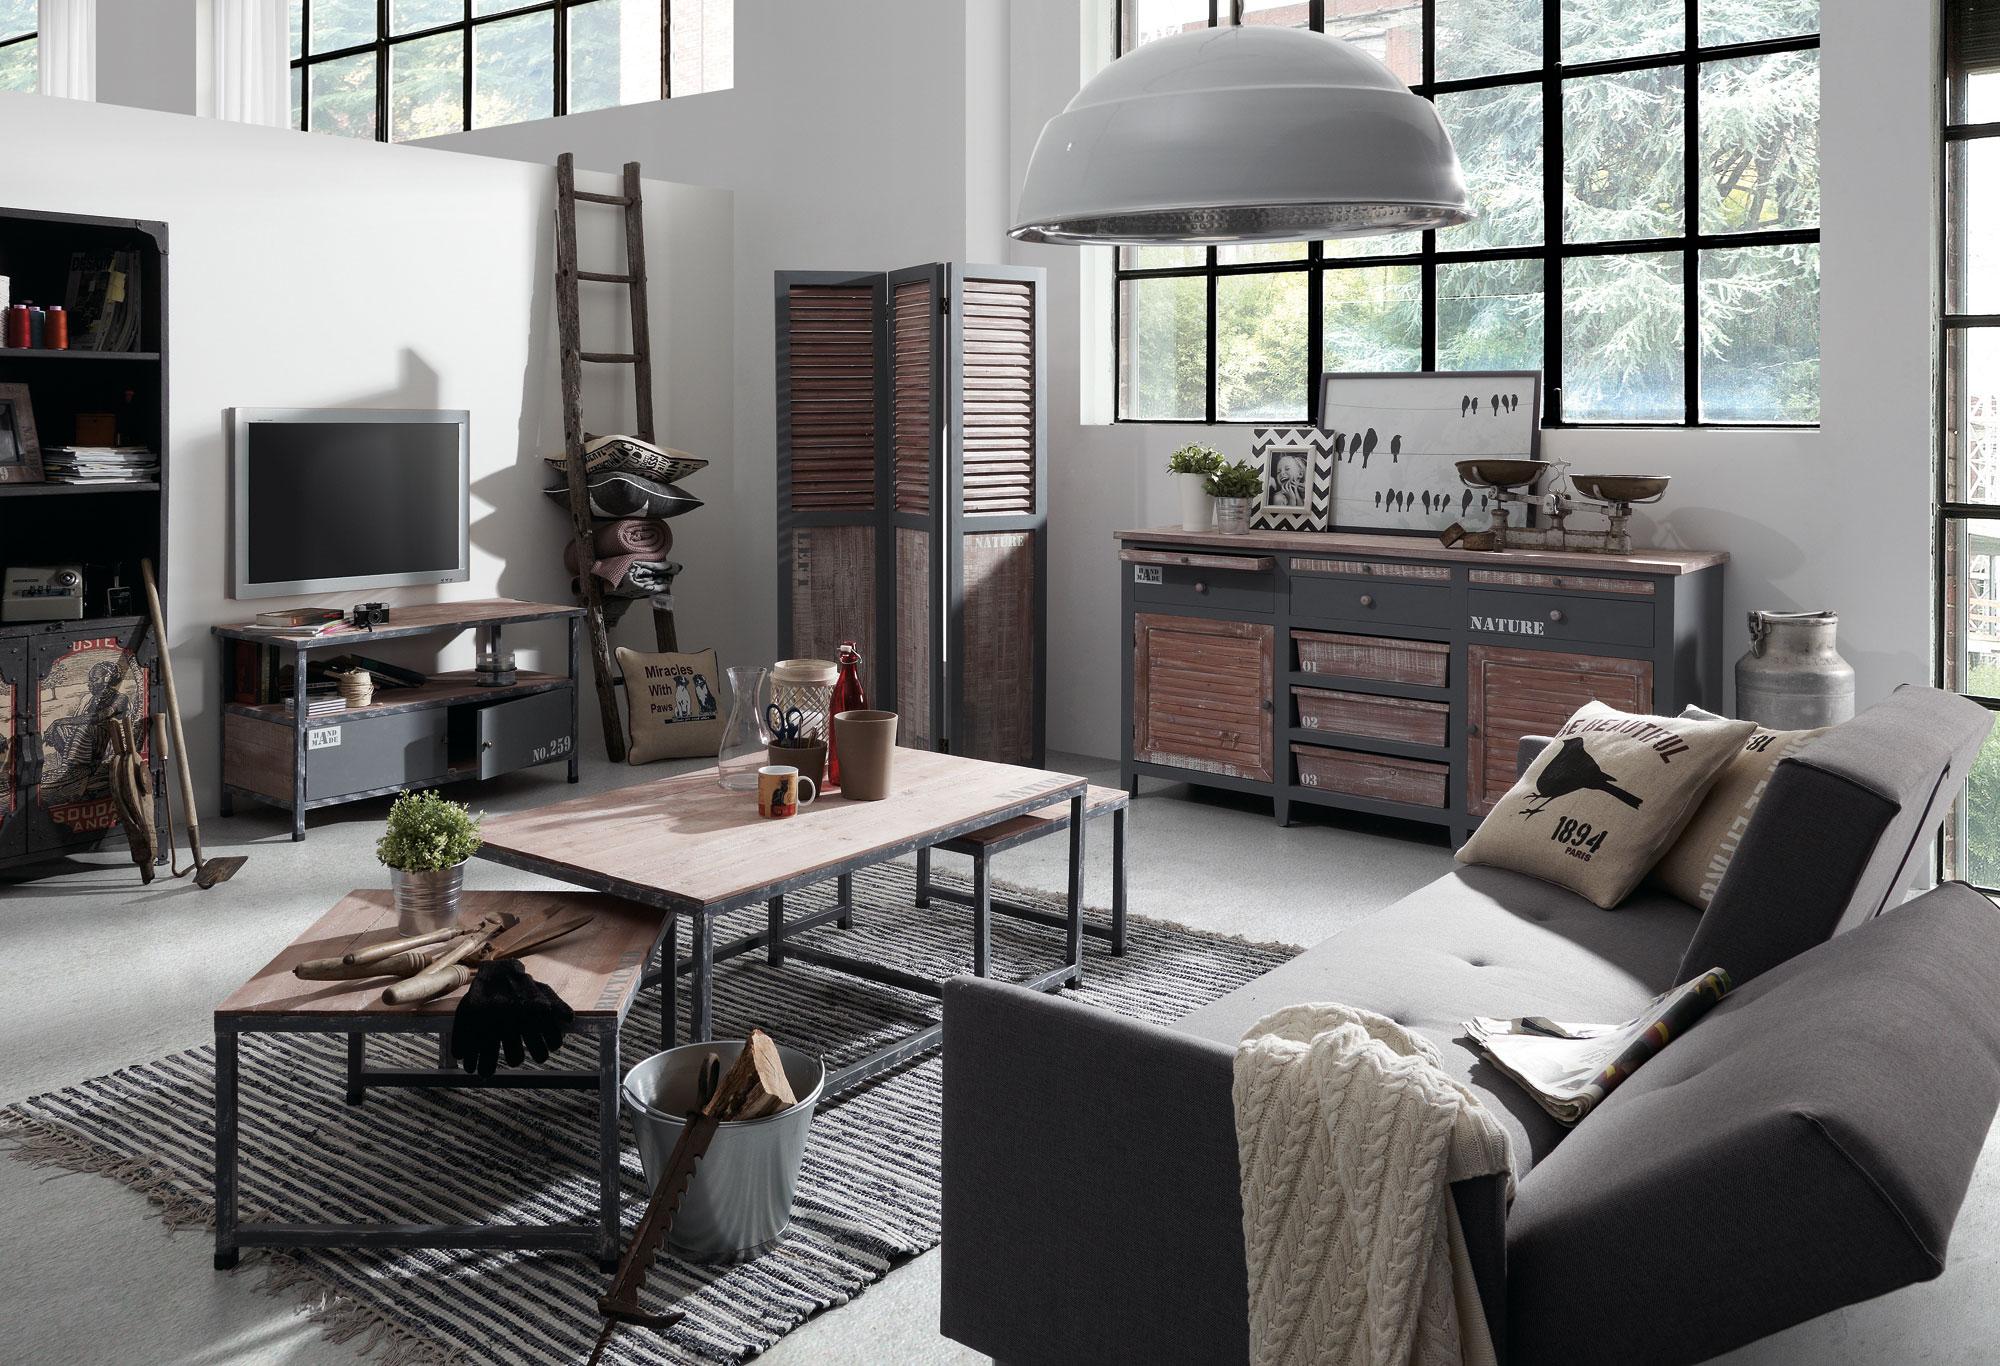 Muebles de estilo industrial vintage51 revista muebles - Muebles de estilo industrial ...